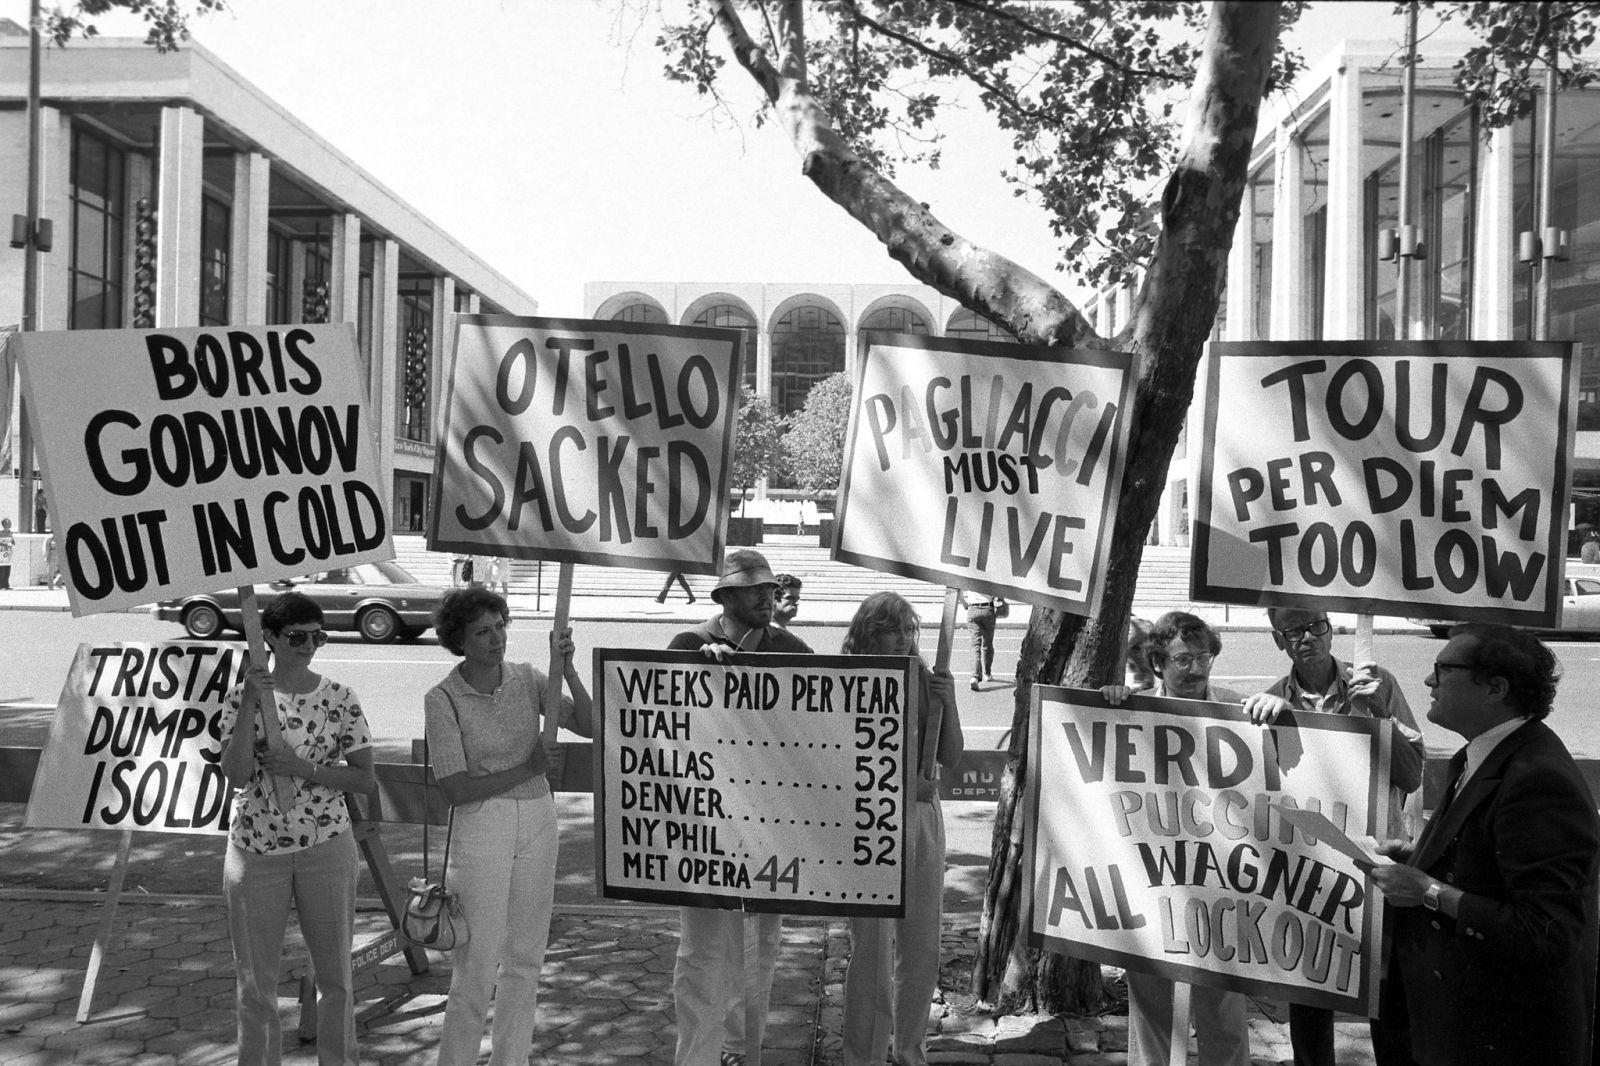 Από την ιστορική απεργία στην Μητροπολιτική Οπερα της Νέας Υόρκης το 1980 η οποία ματαίωσε το πρόγραμμα εκείνης της καλλιτεχνικής σεζόν